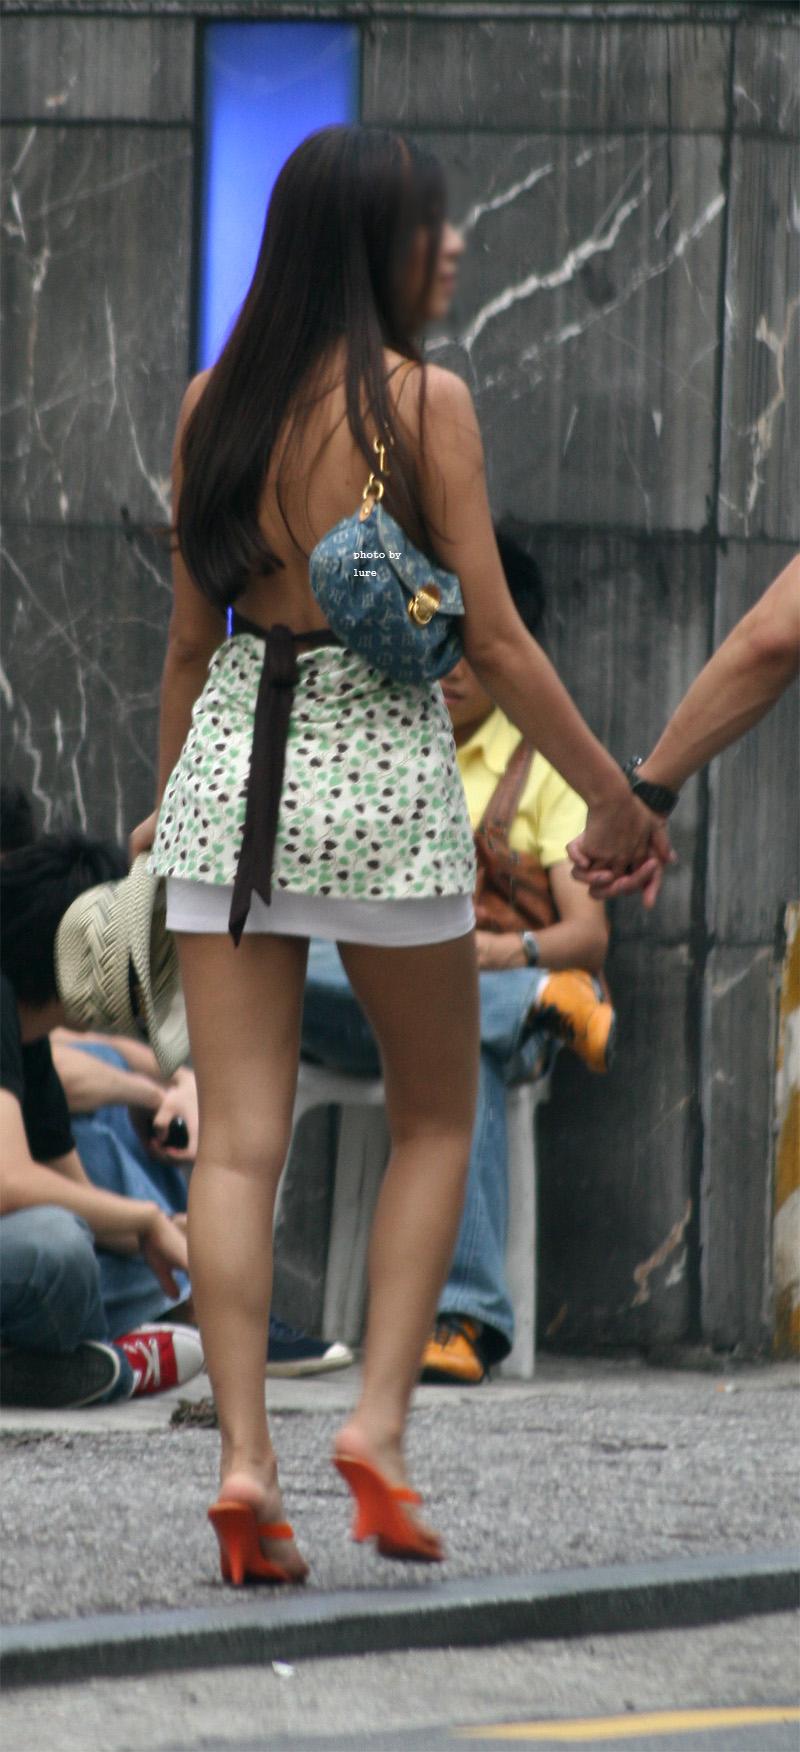 韓国女性の過激ファッションを激写!足が美しすぎるぅぅぅ